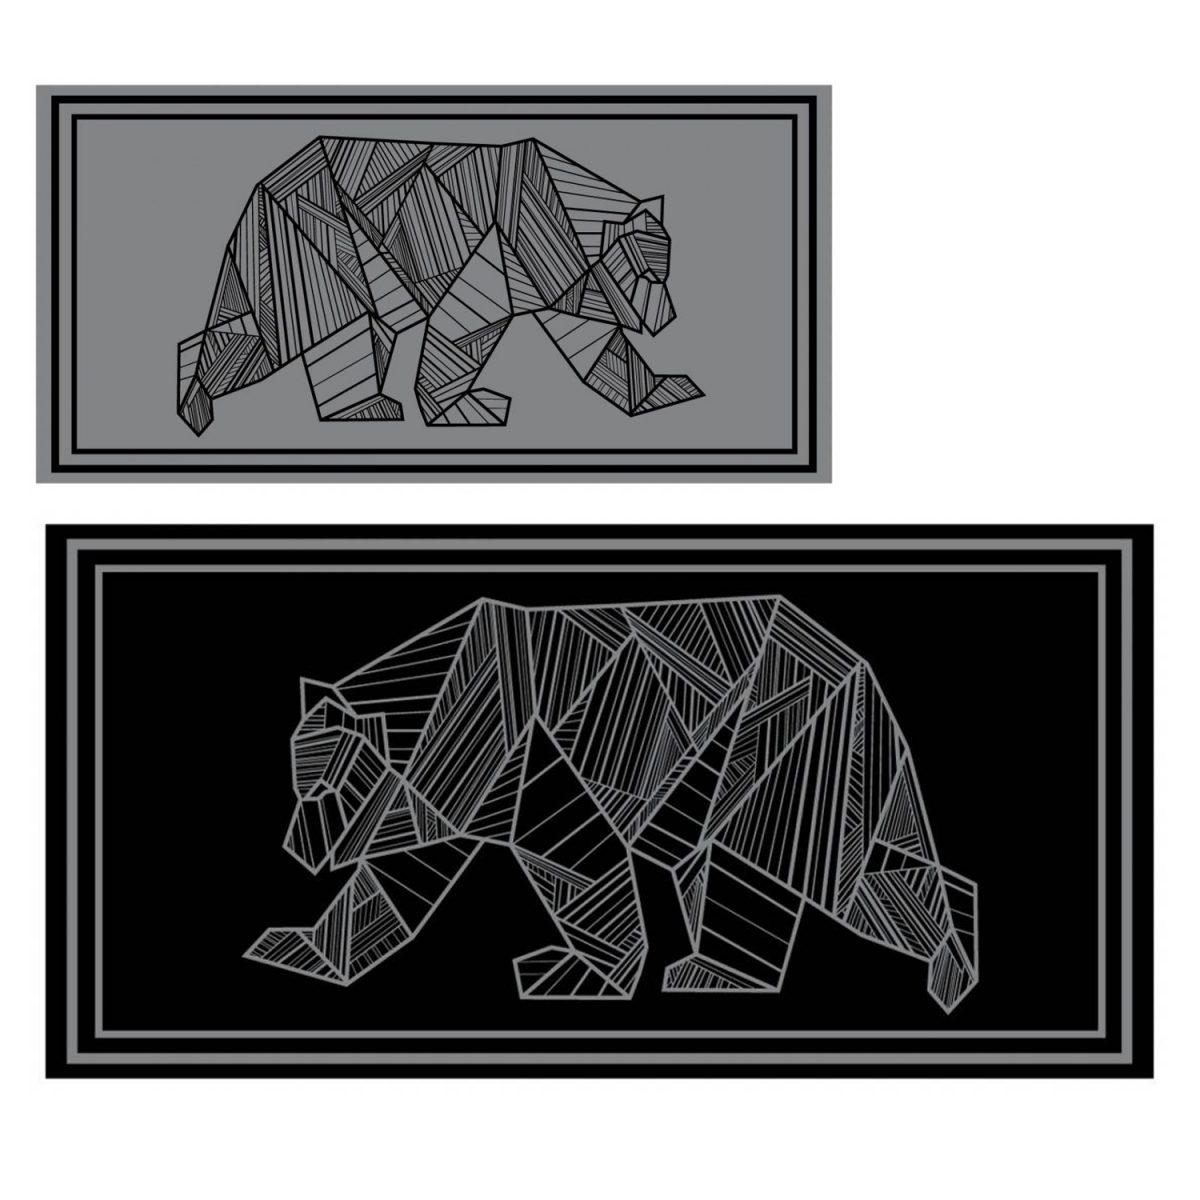 kuma bear mat 9x18 black